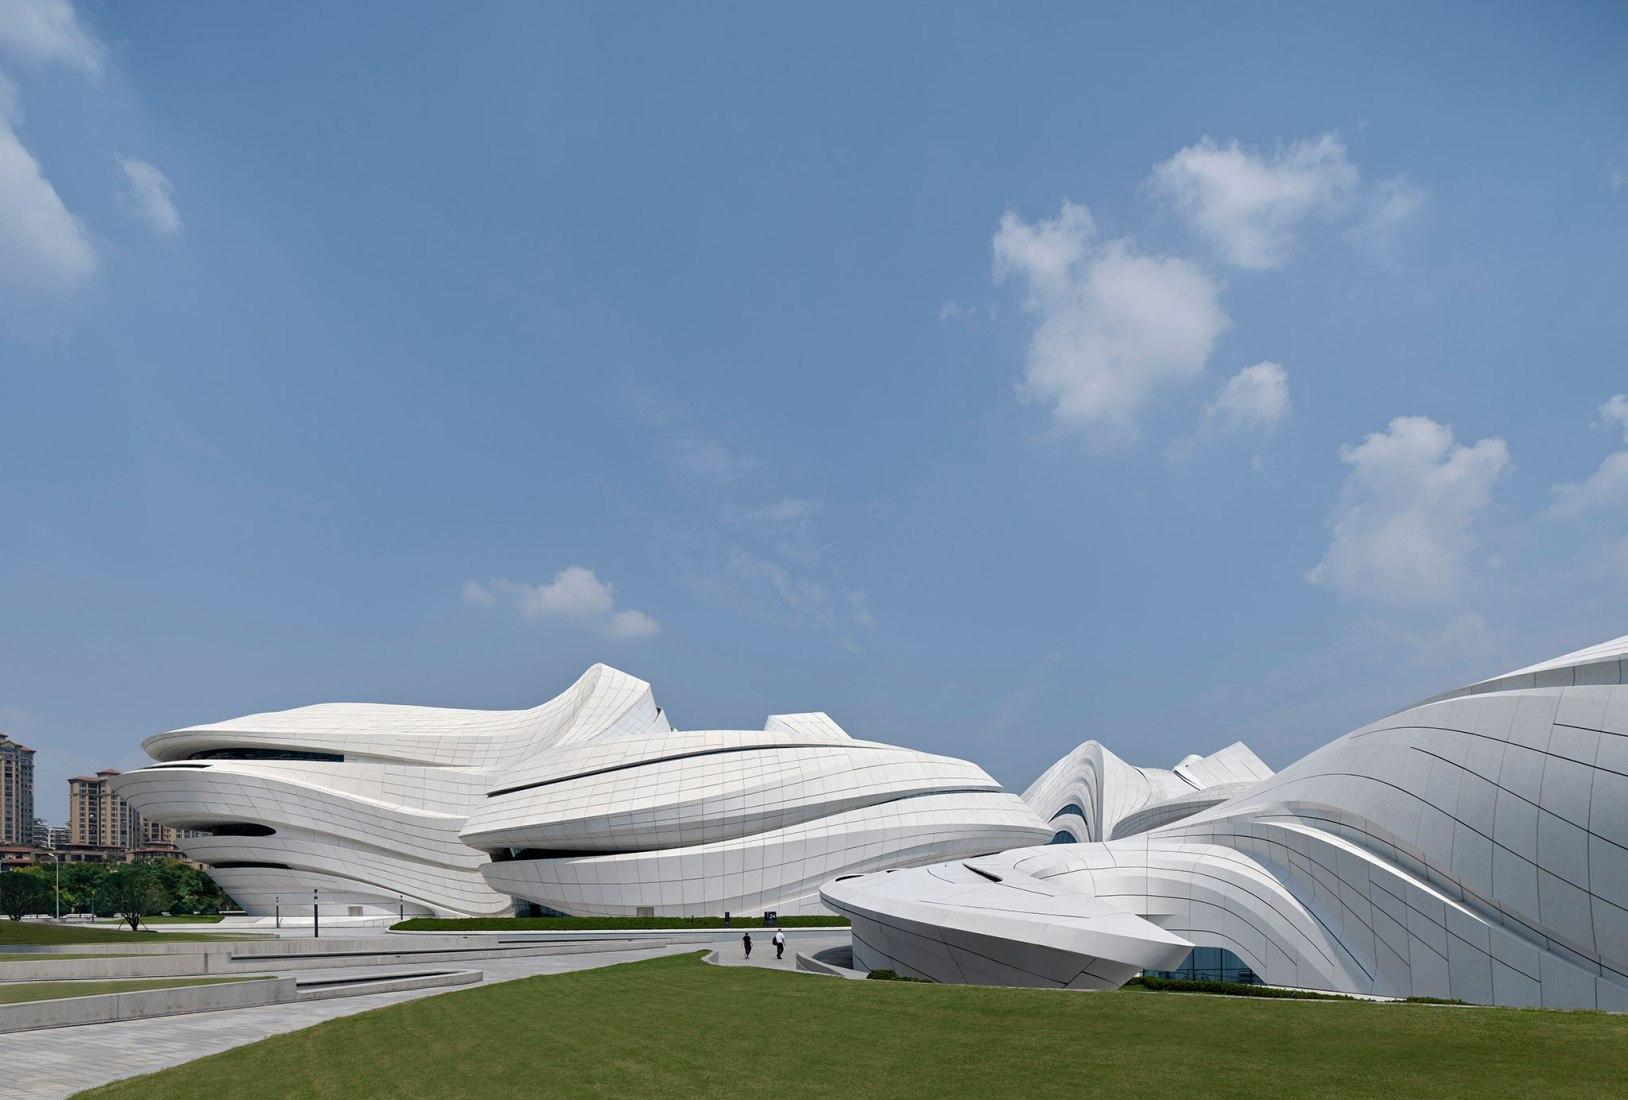 Centro Internacional de Cultura y Arte Changsha Meixihu por Zaha Hadid Architects. Fotografía por Virgile Simon Bertrand